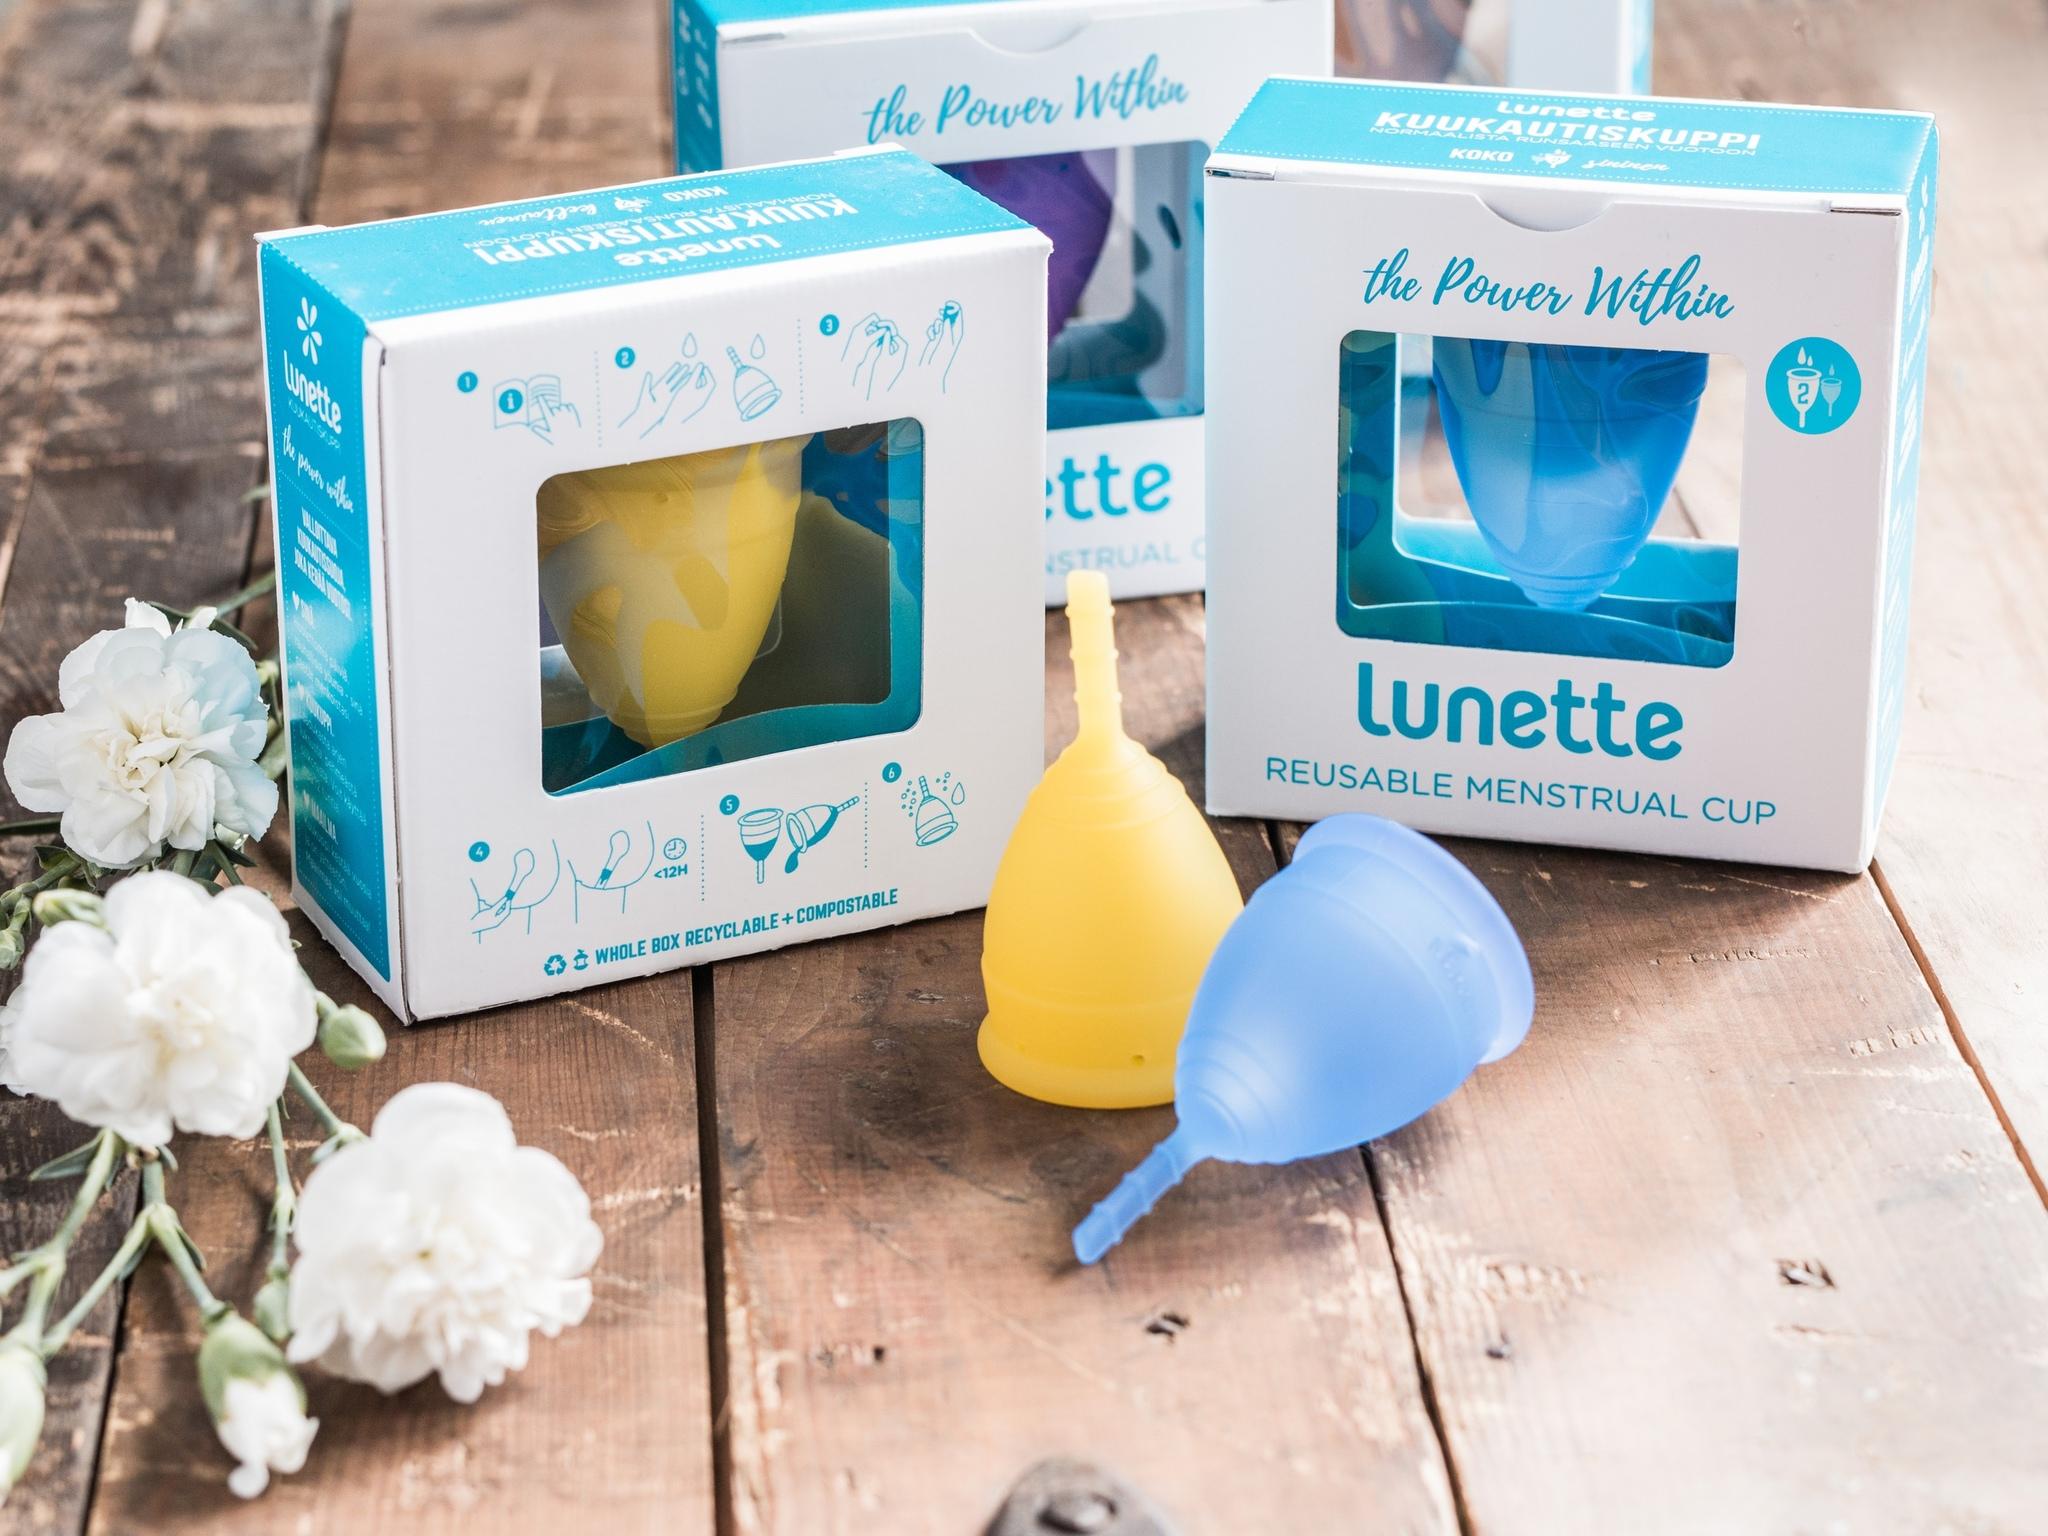 Менструальная чаша Lunette